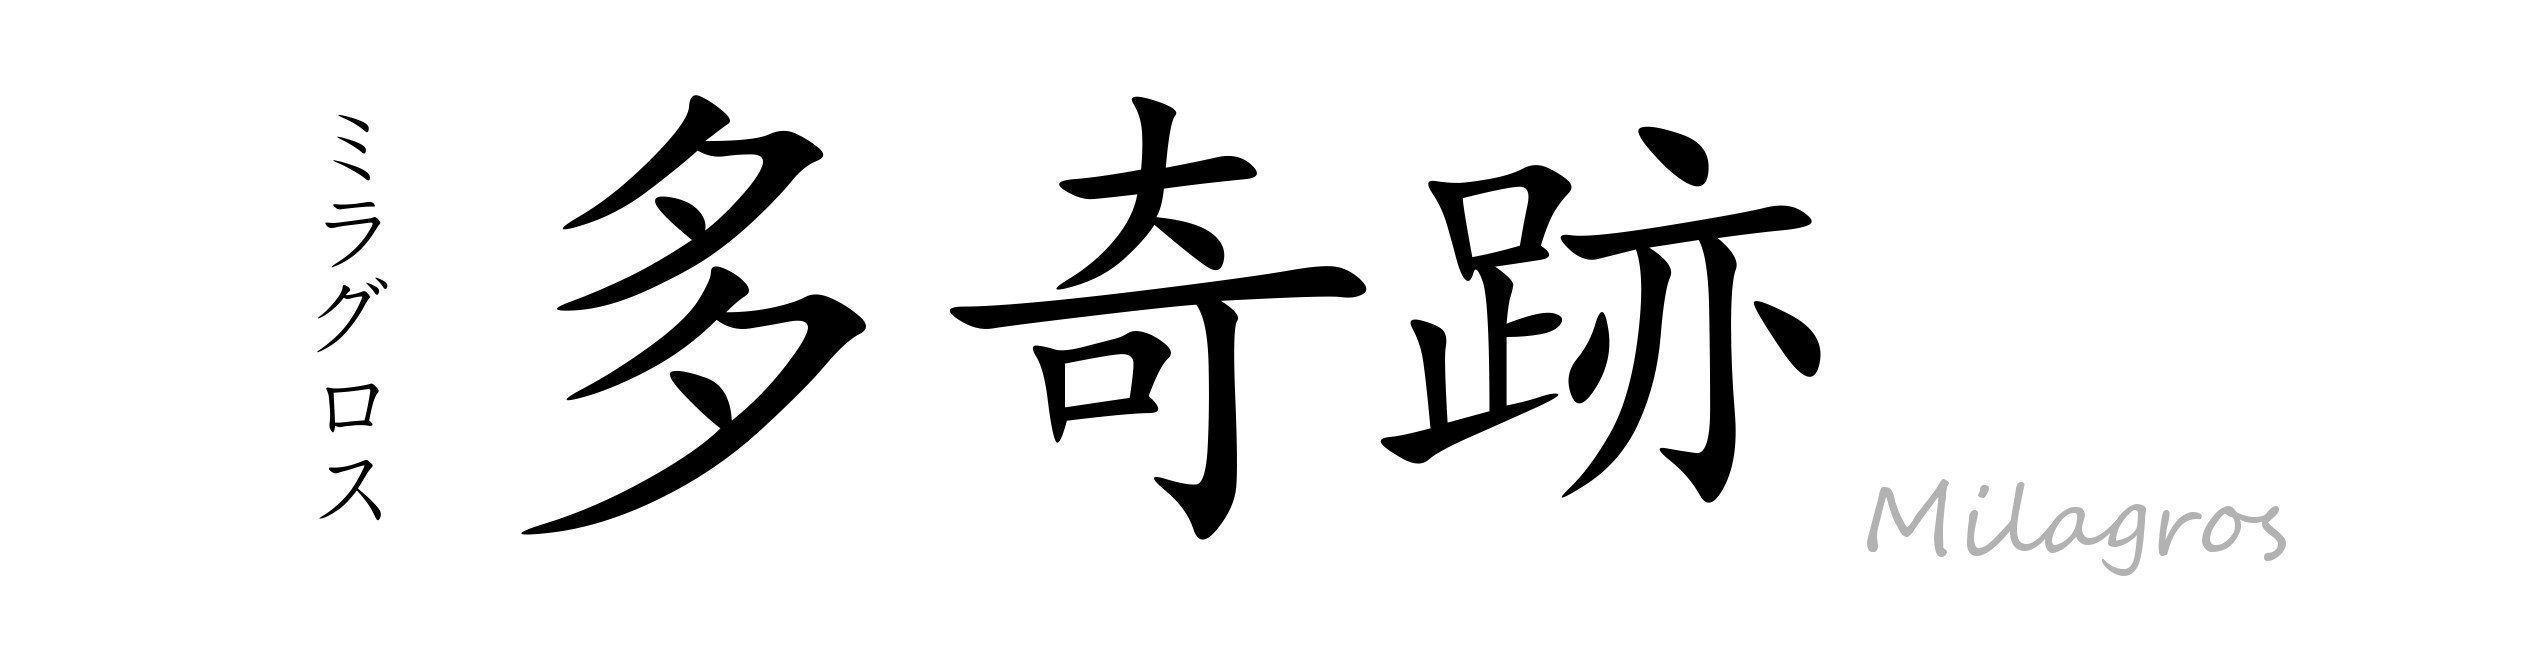 Tu Nombre En Japonés Cuidado Con Lo Automatizado Japonesca